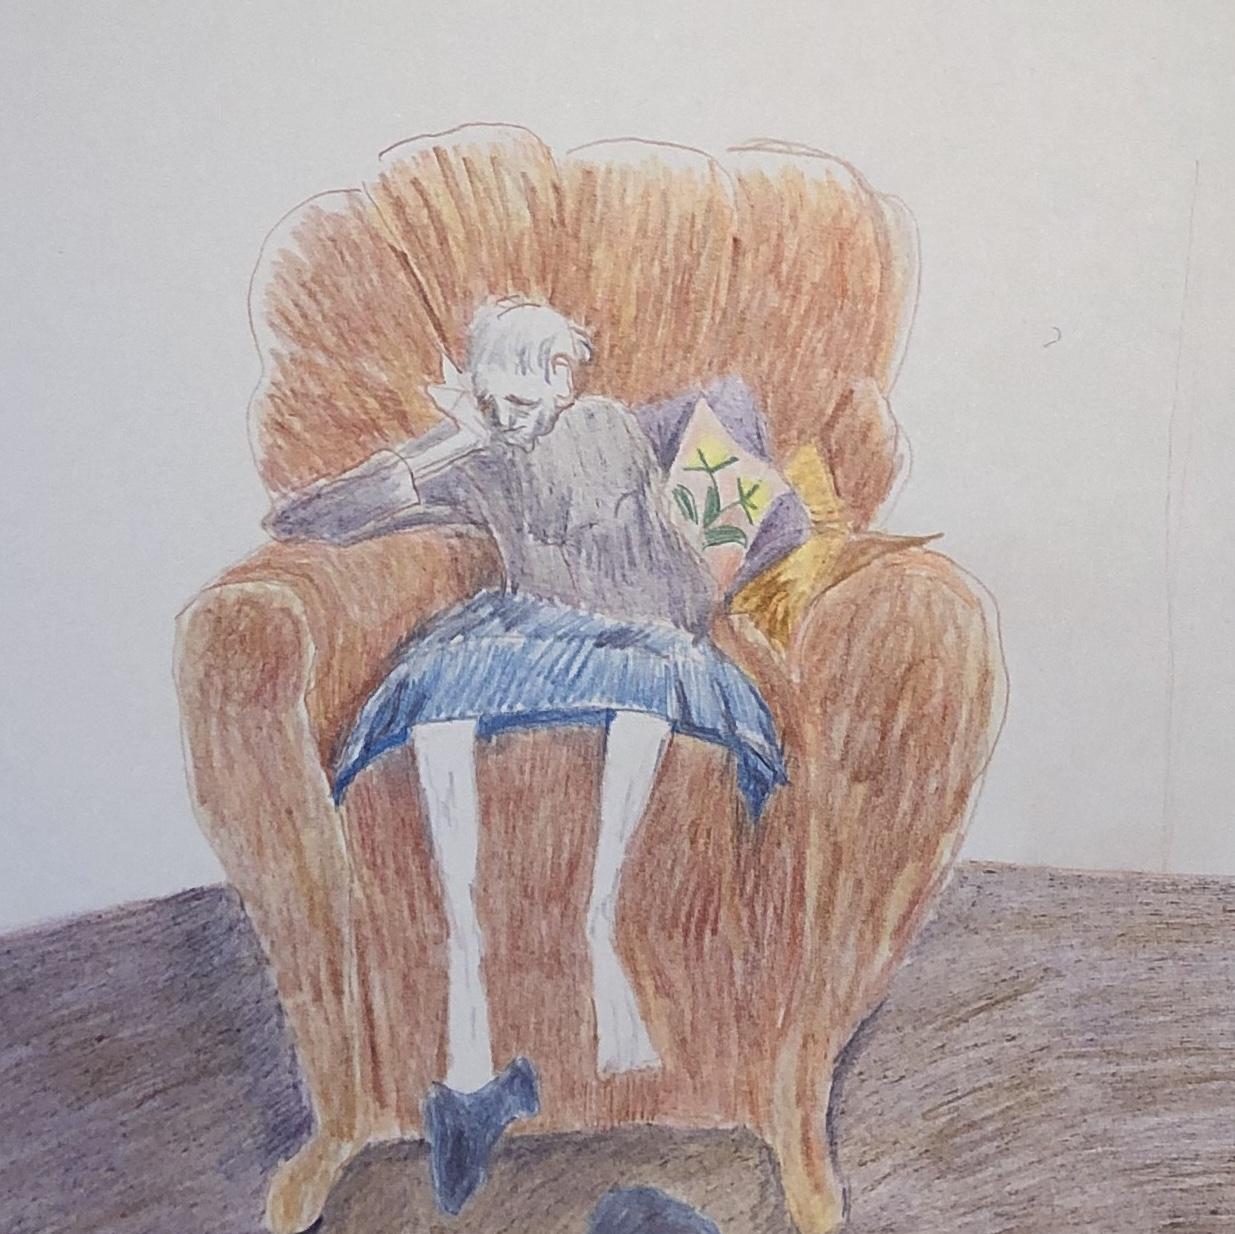 Tegning Fra Fra Romanen 'Ar' Af Audur Ava Olafsdottir, Udgivet På Dansk I 2018. Gudrun Sidder I En Lænestol På Plejehjemmet